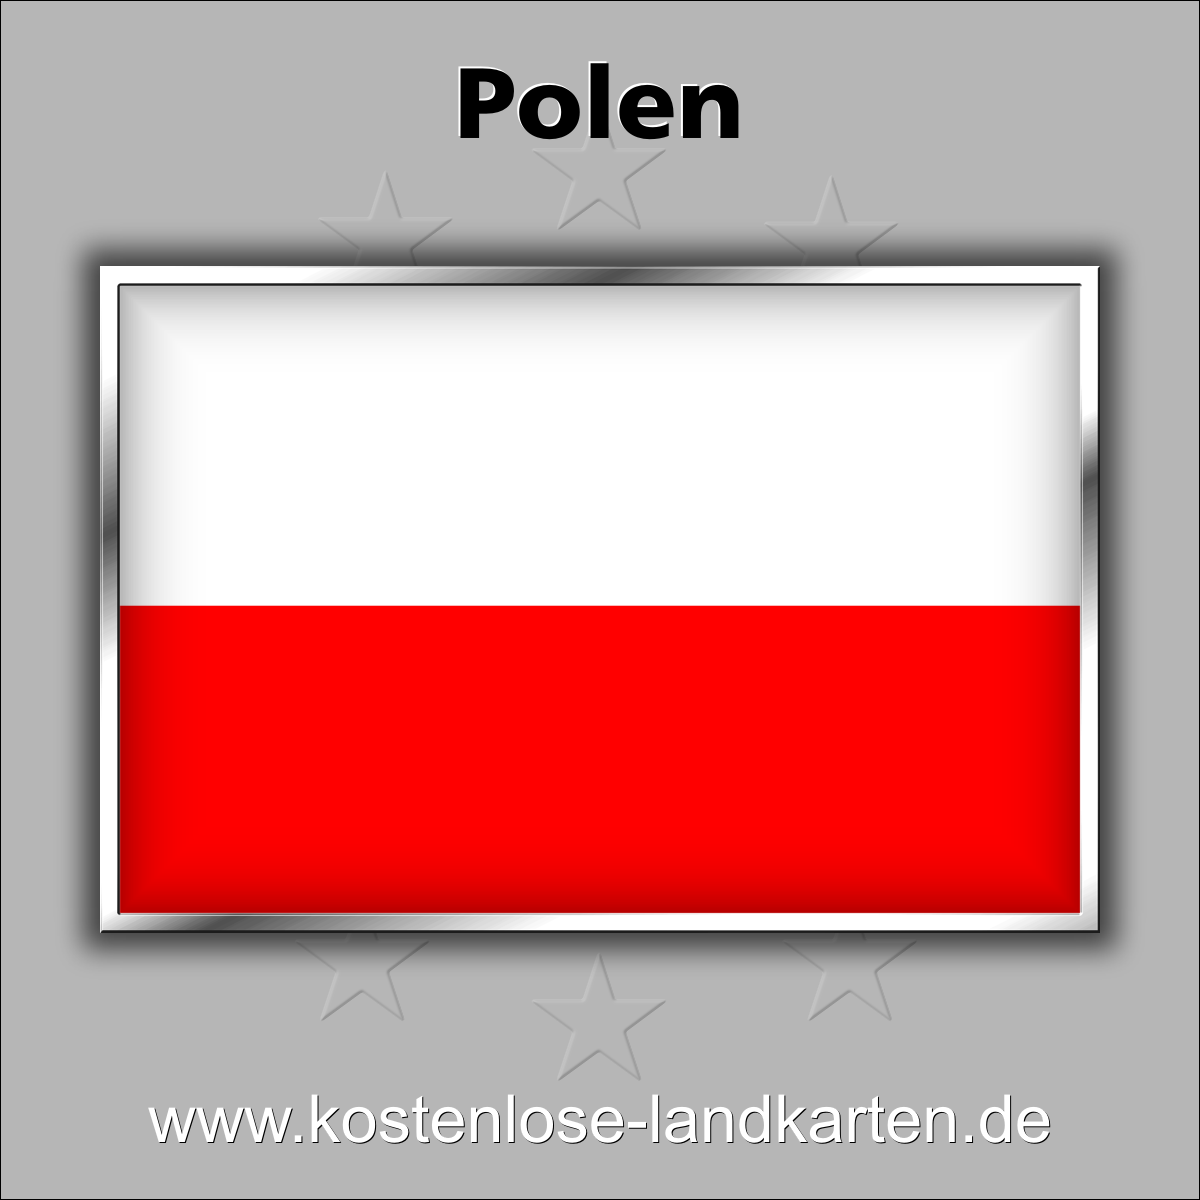 flagge polen bild  vorlagen zum ausmalen gratis ausdrucken